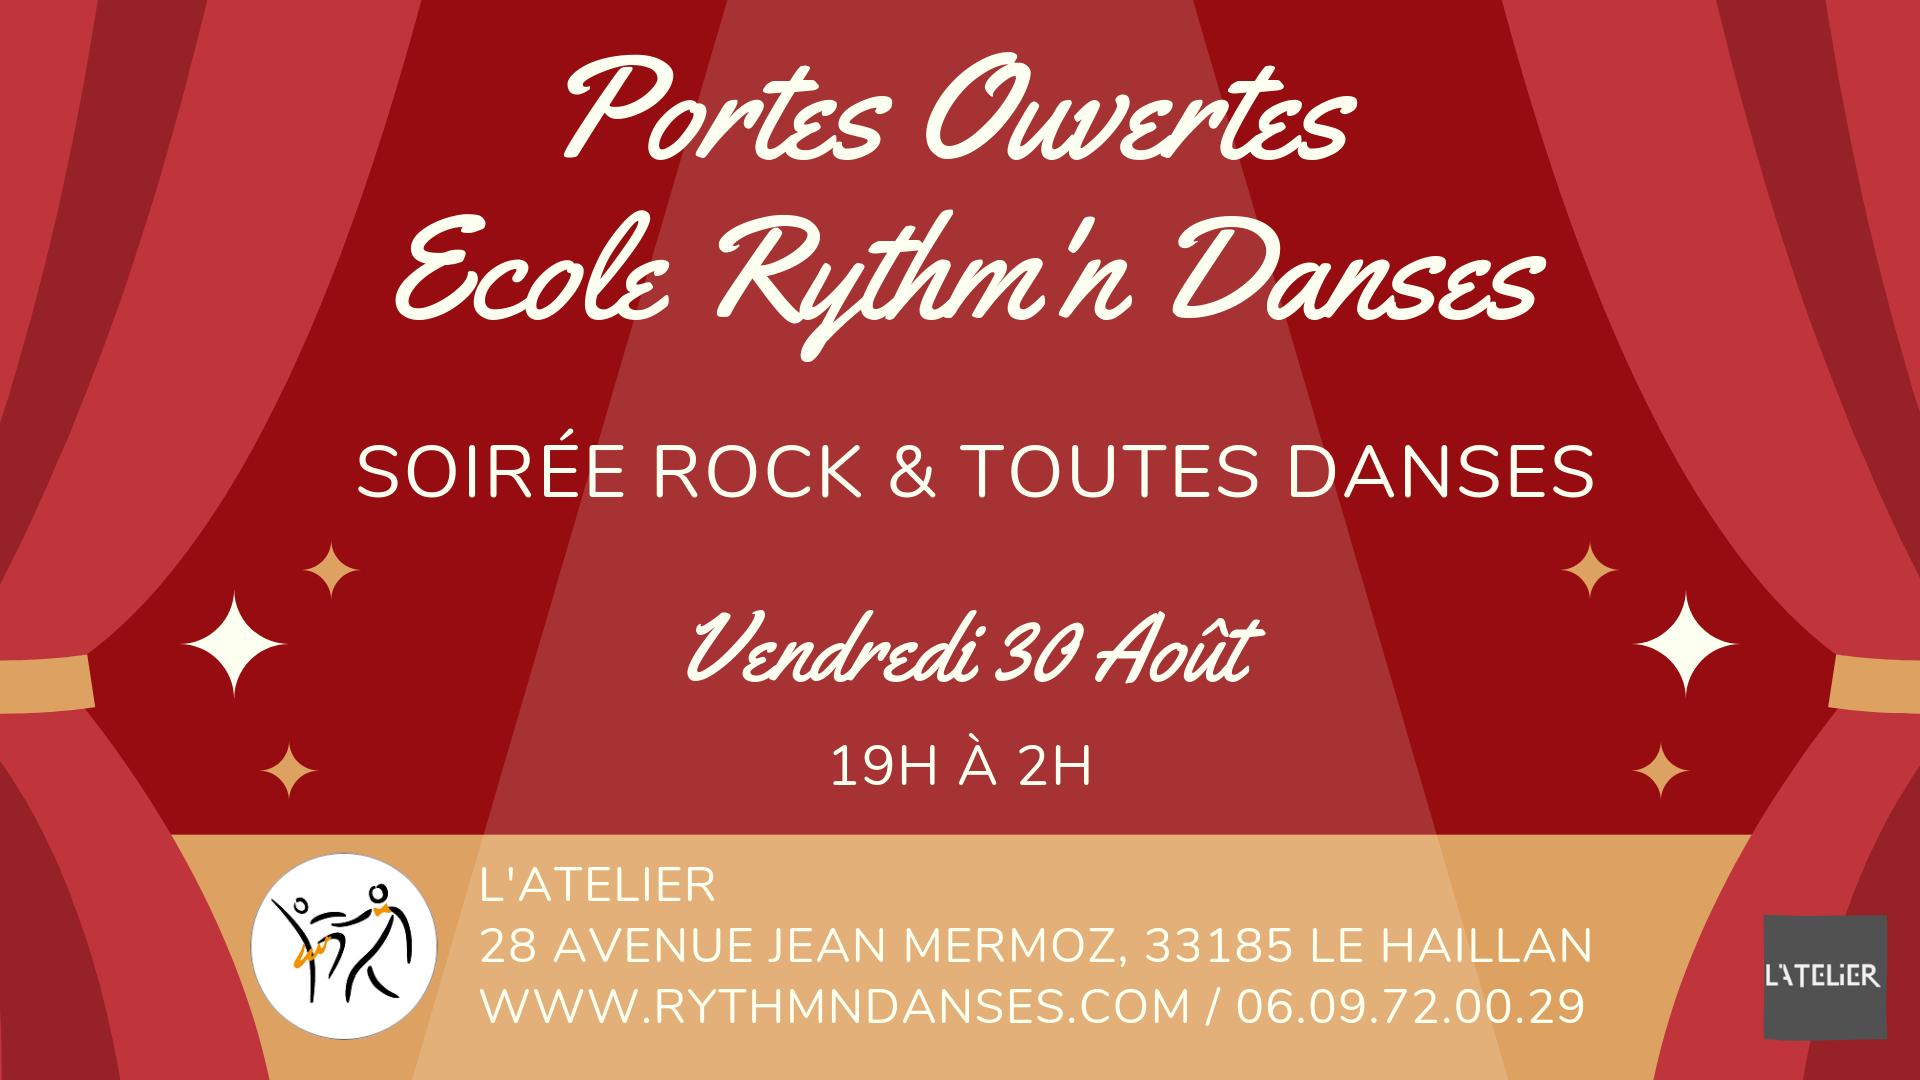 Portes Ouvertes Ecole Rythm'n Danses - Soirée Rock & Toutes Danses